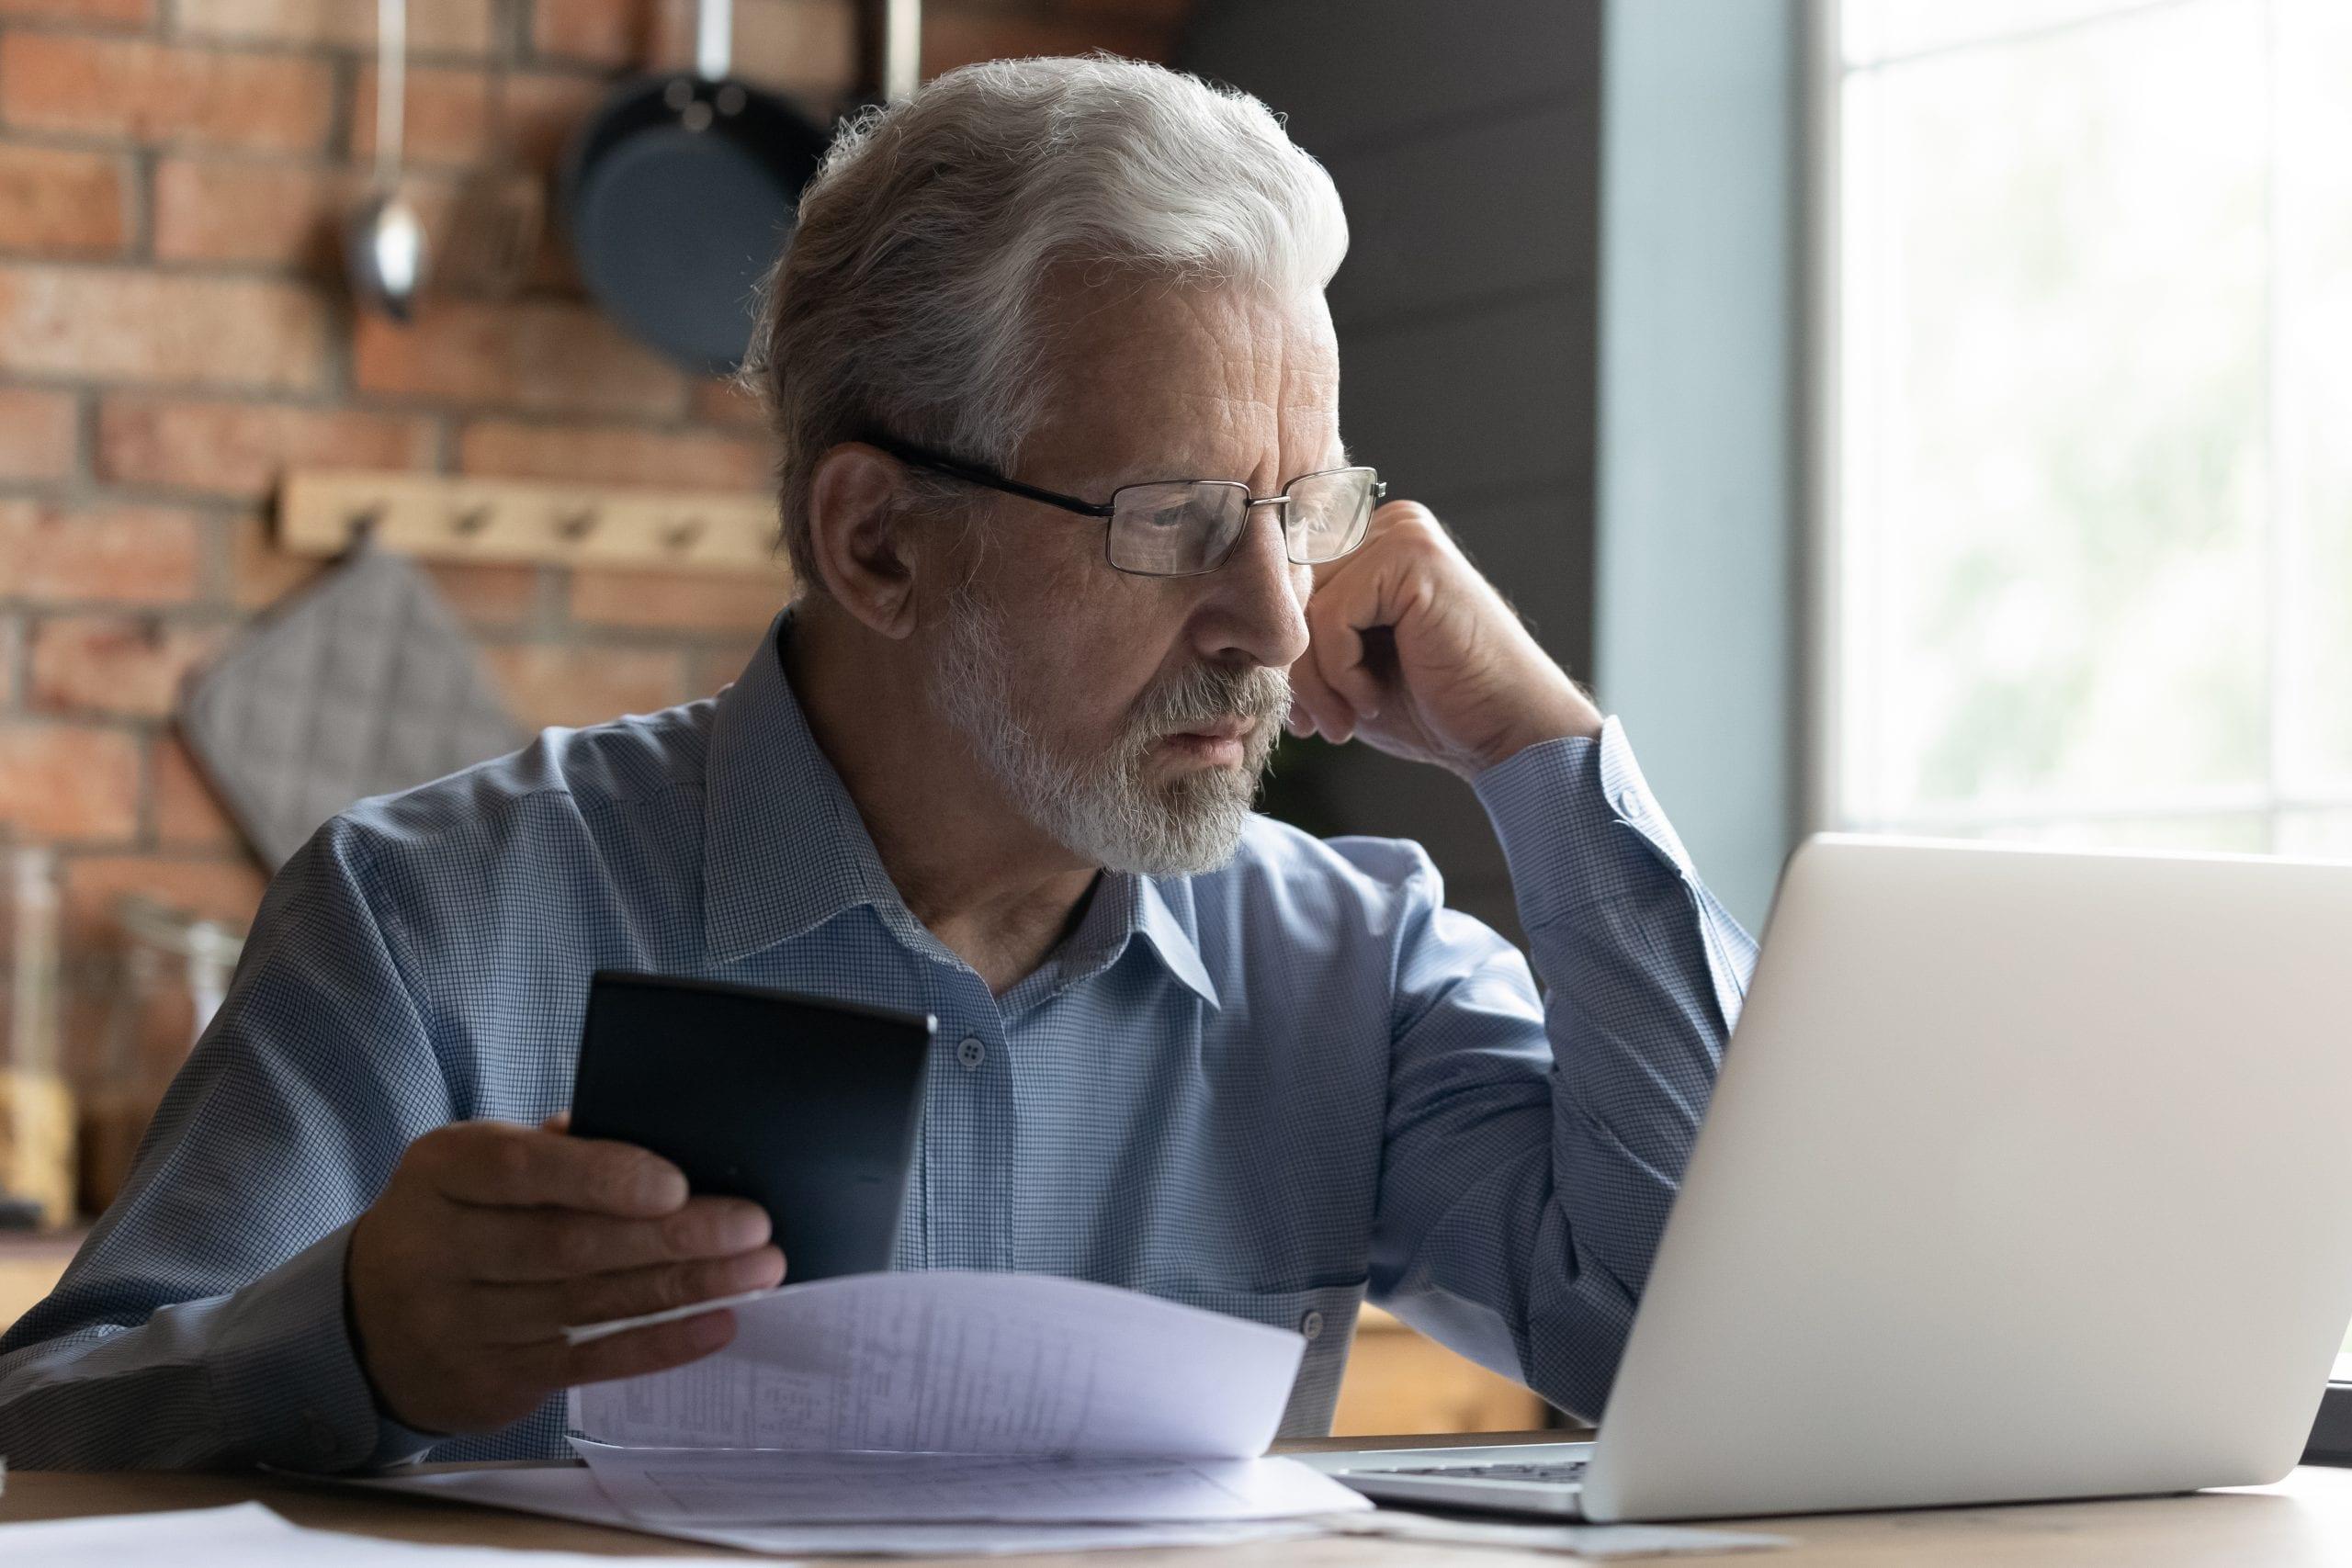 Ein älterer Mann sitzt mit Taschenrechner und Laptop an seinen Steuern. Er sieht Hilflos aus.